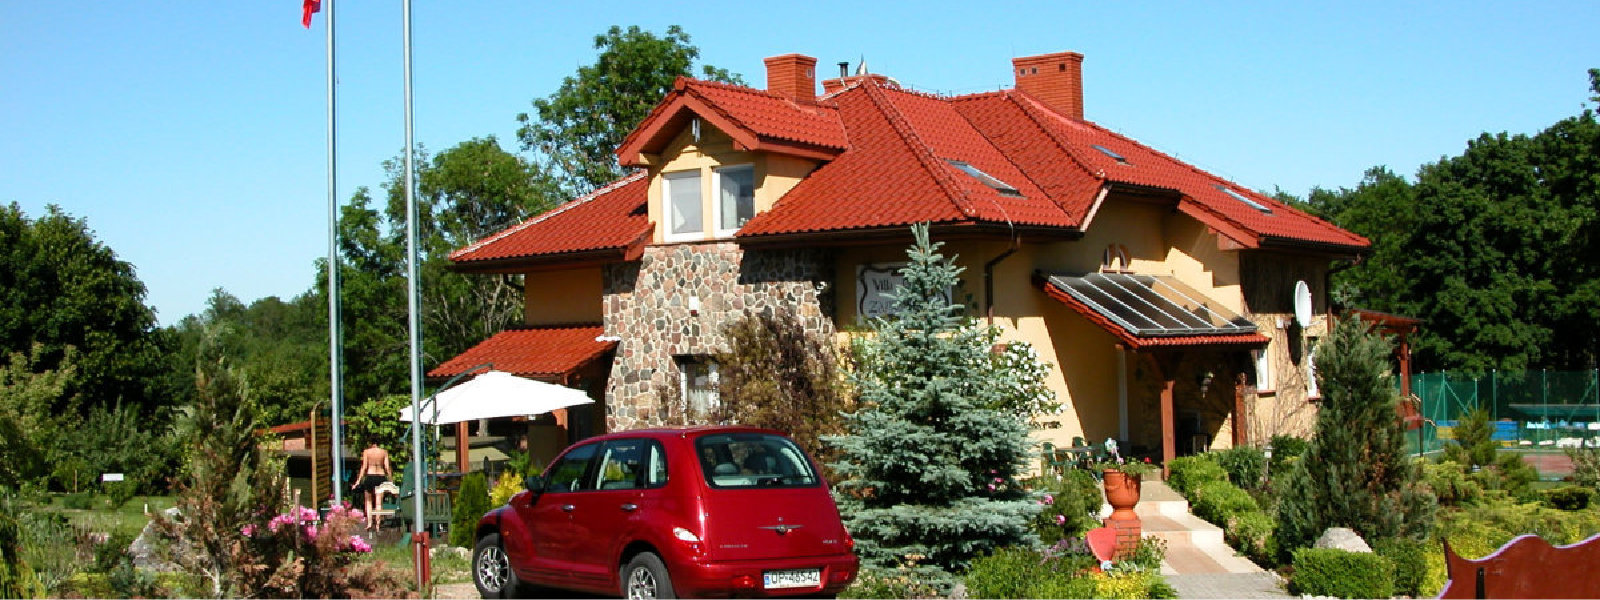 Noclegi na Mazurach, pokoje gościnne nad jeziorem Mamry,Villa Przystań